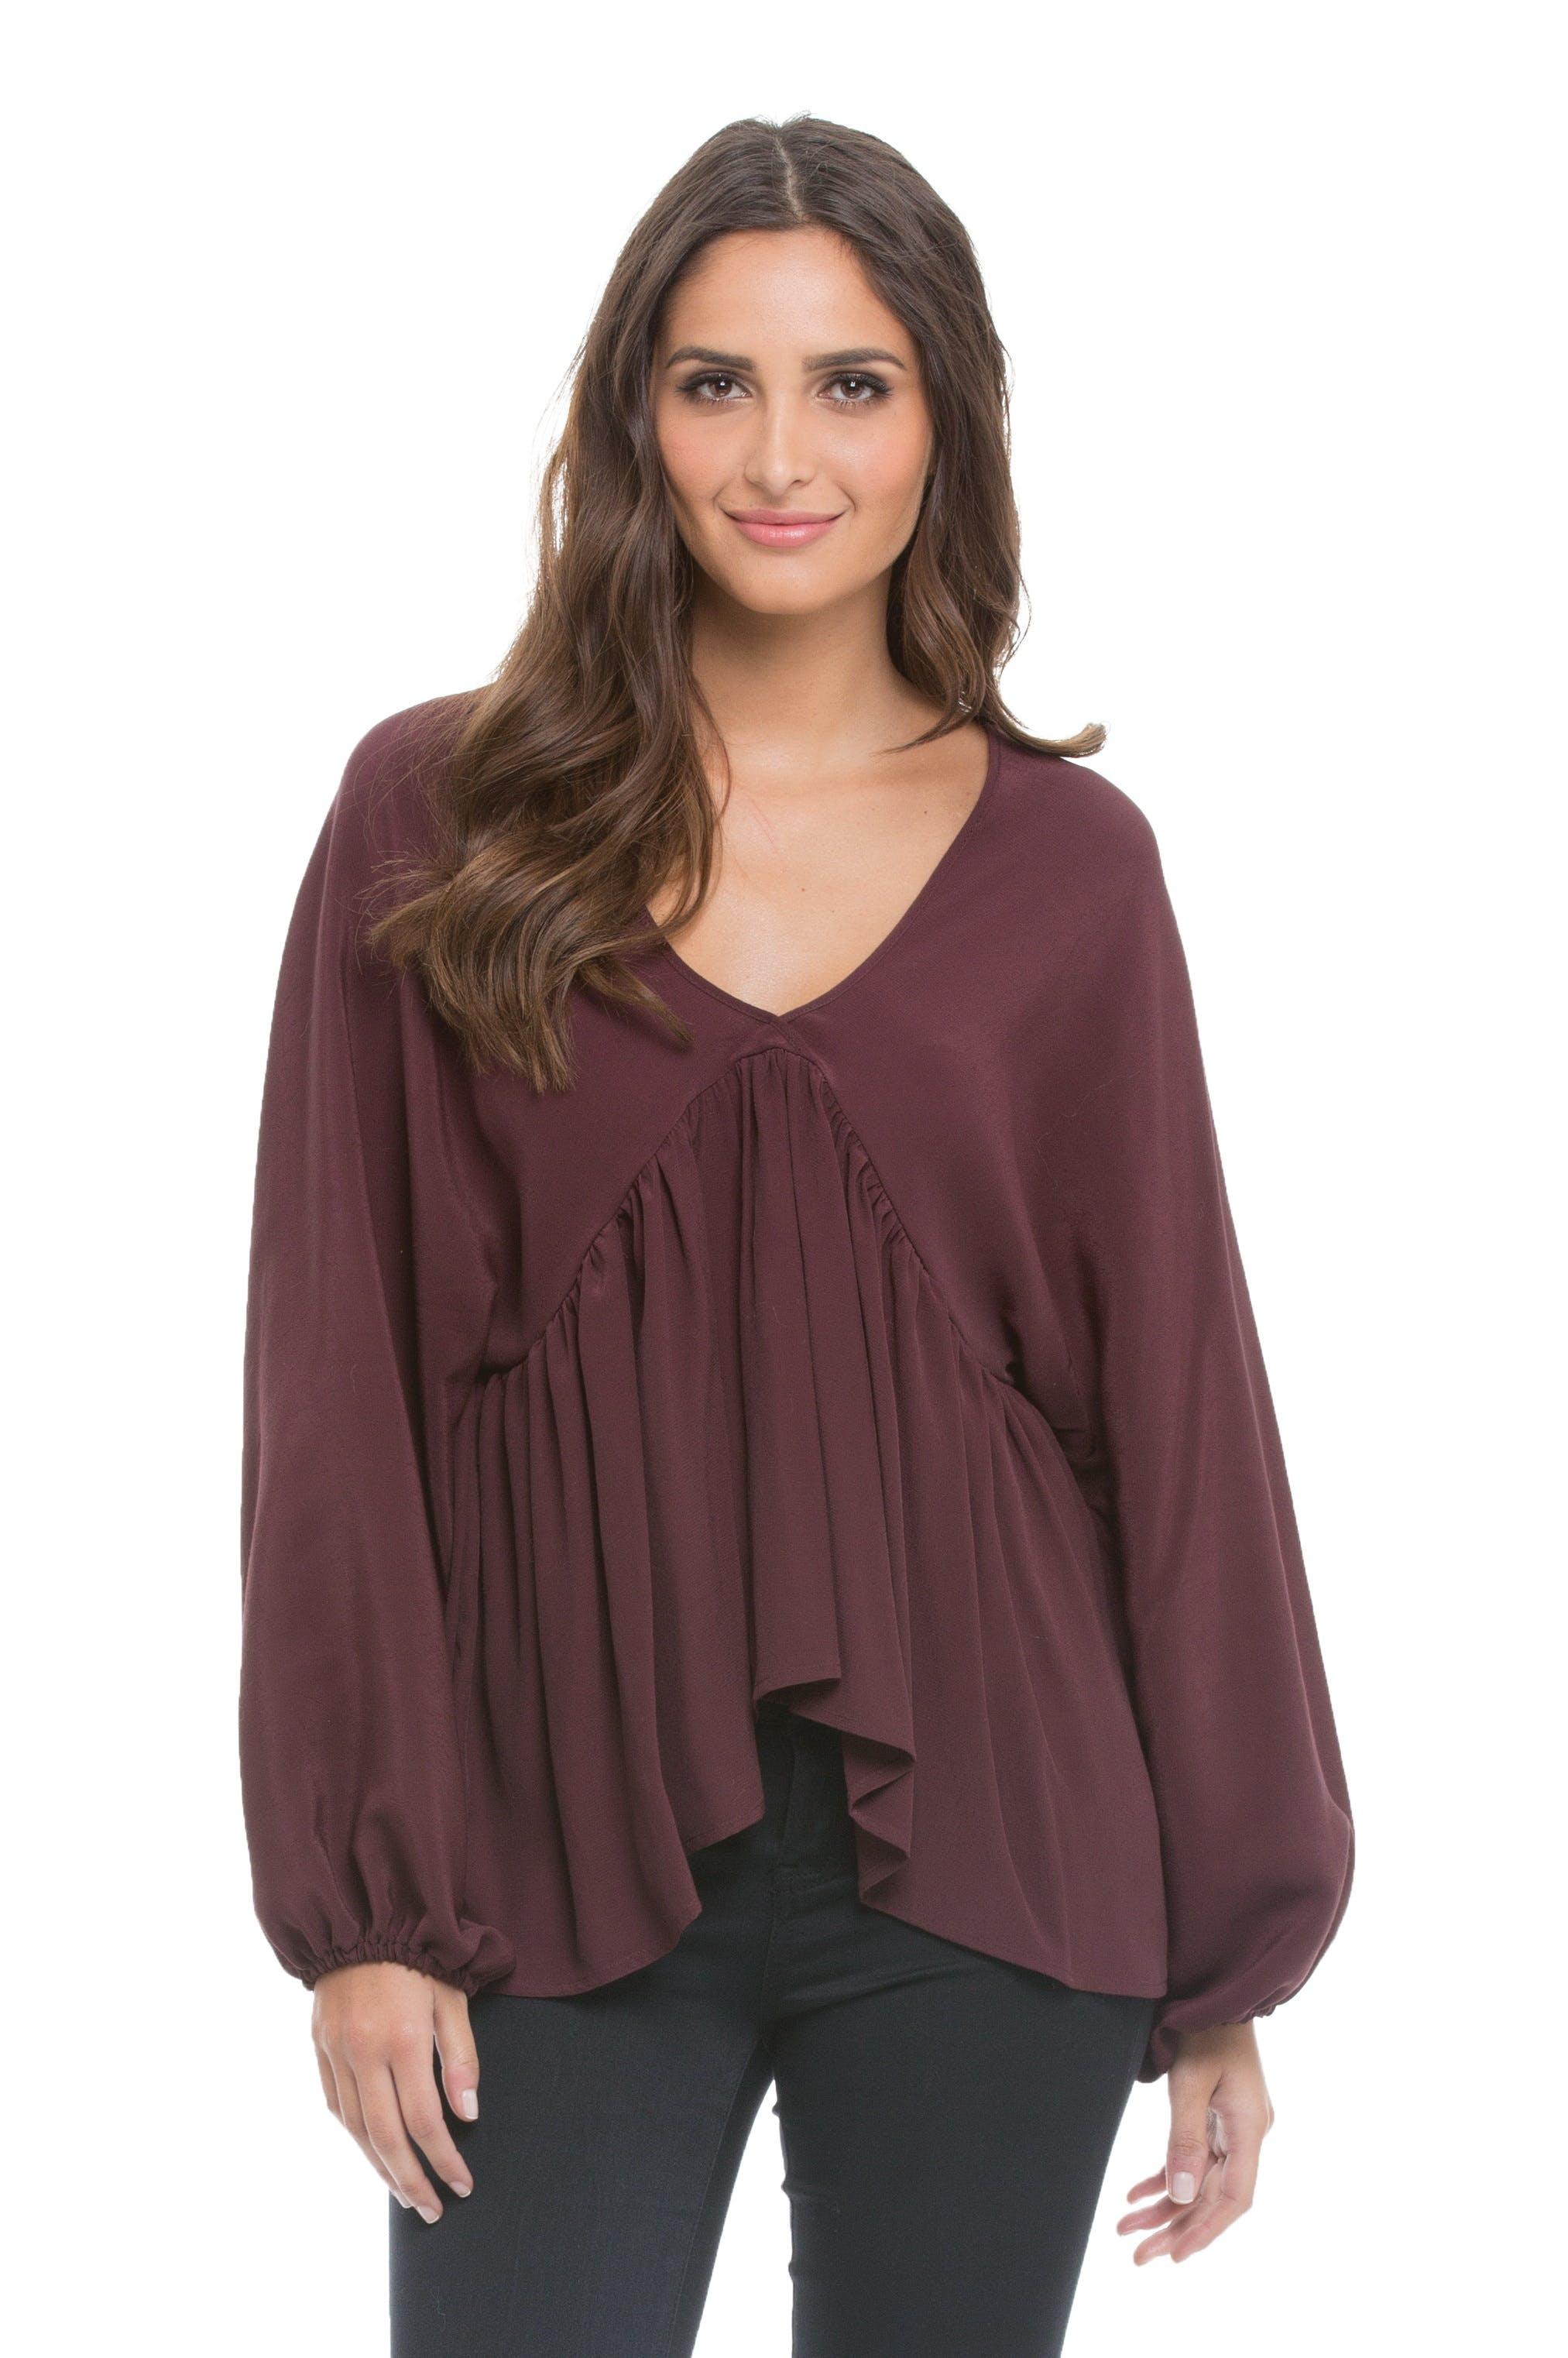 Woman Wearing Purple Blouse